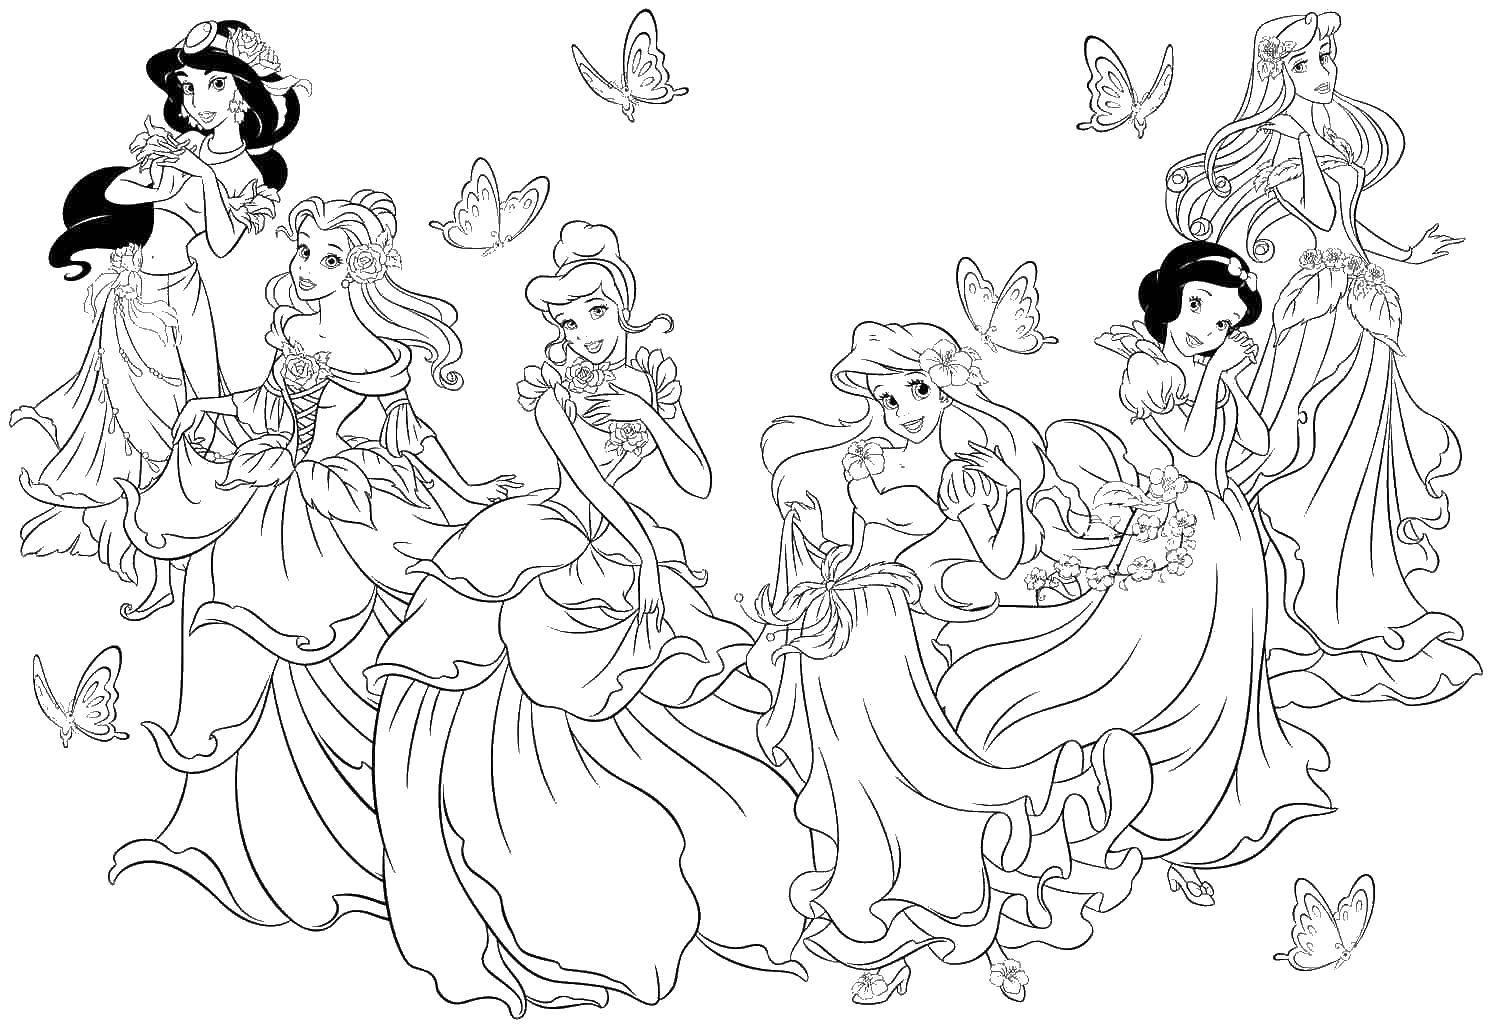 Раскраска Диснеевские принцессы Скачать принцессы, Диснеевские принцессы.  Распечатать ,Принцессы,